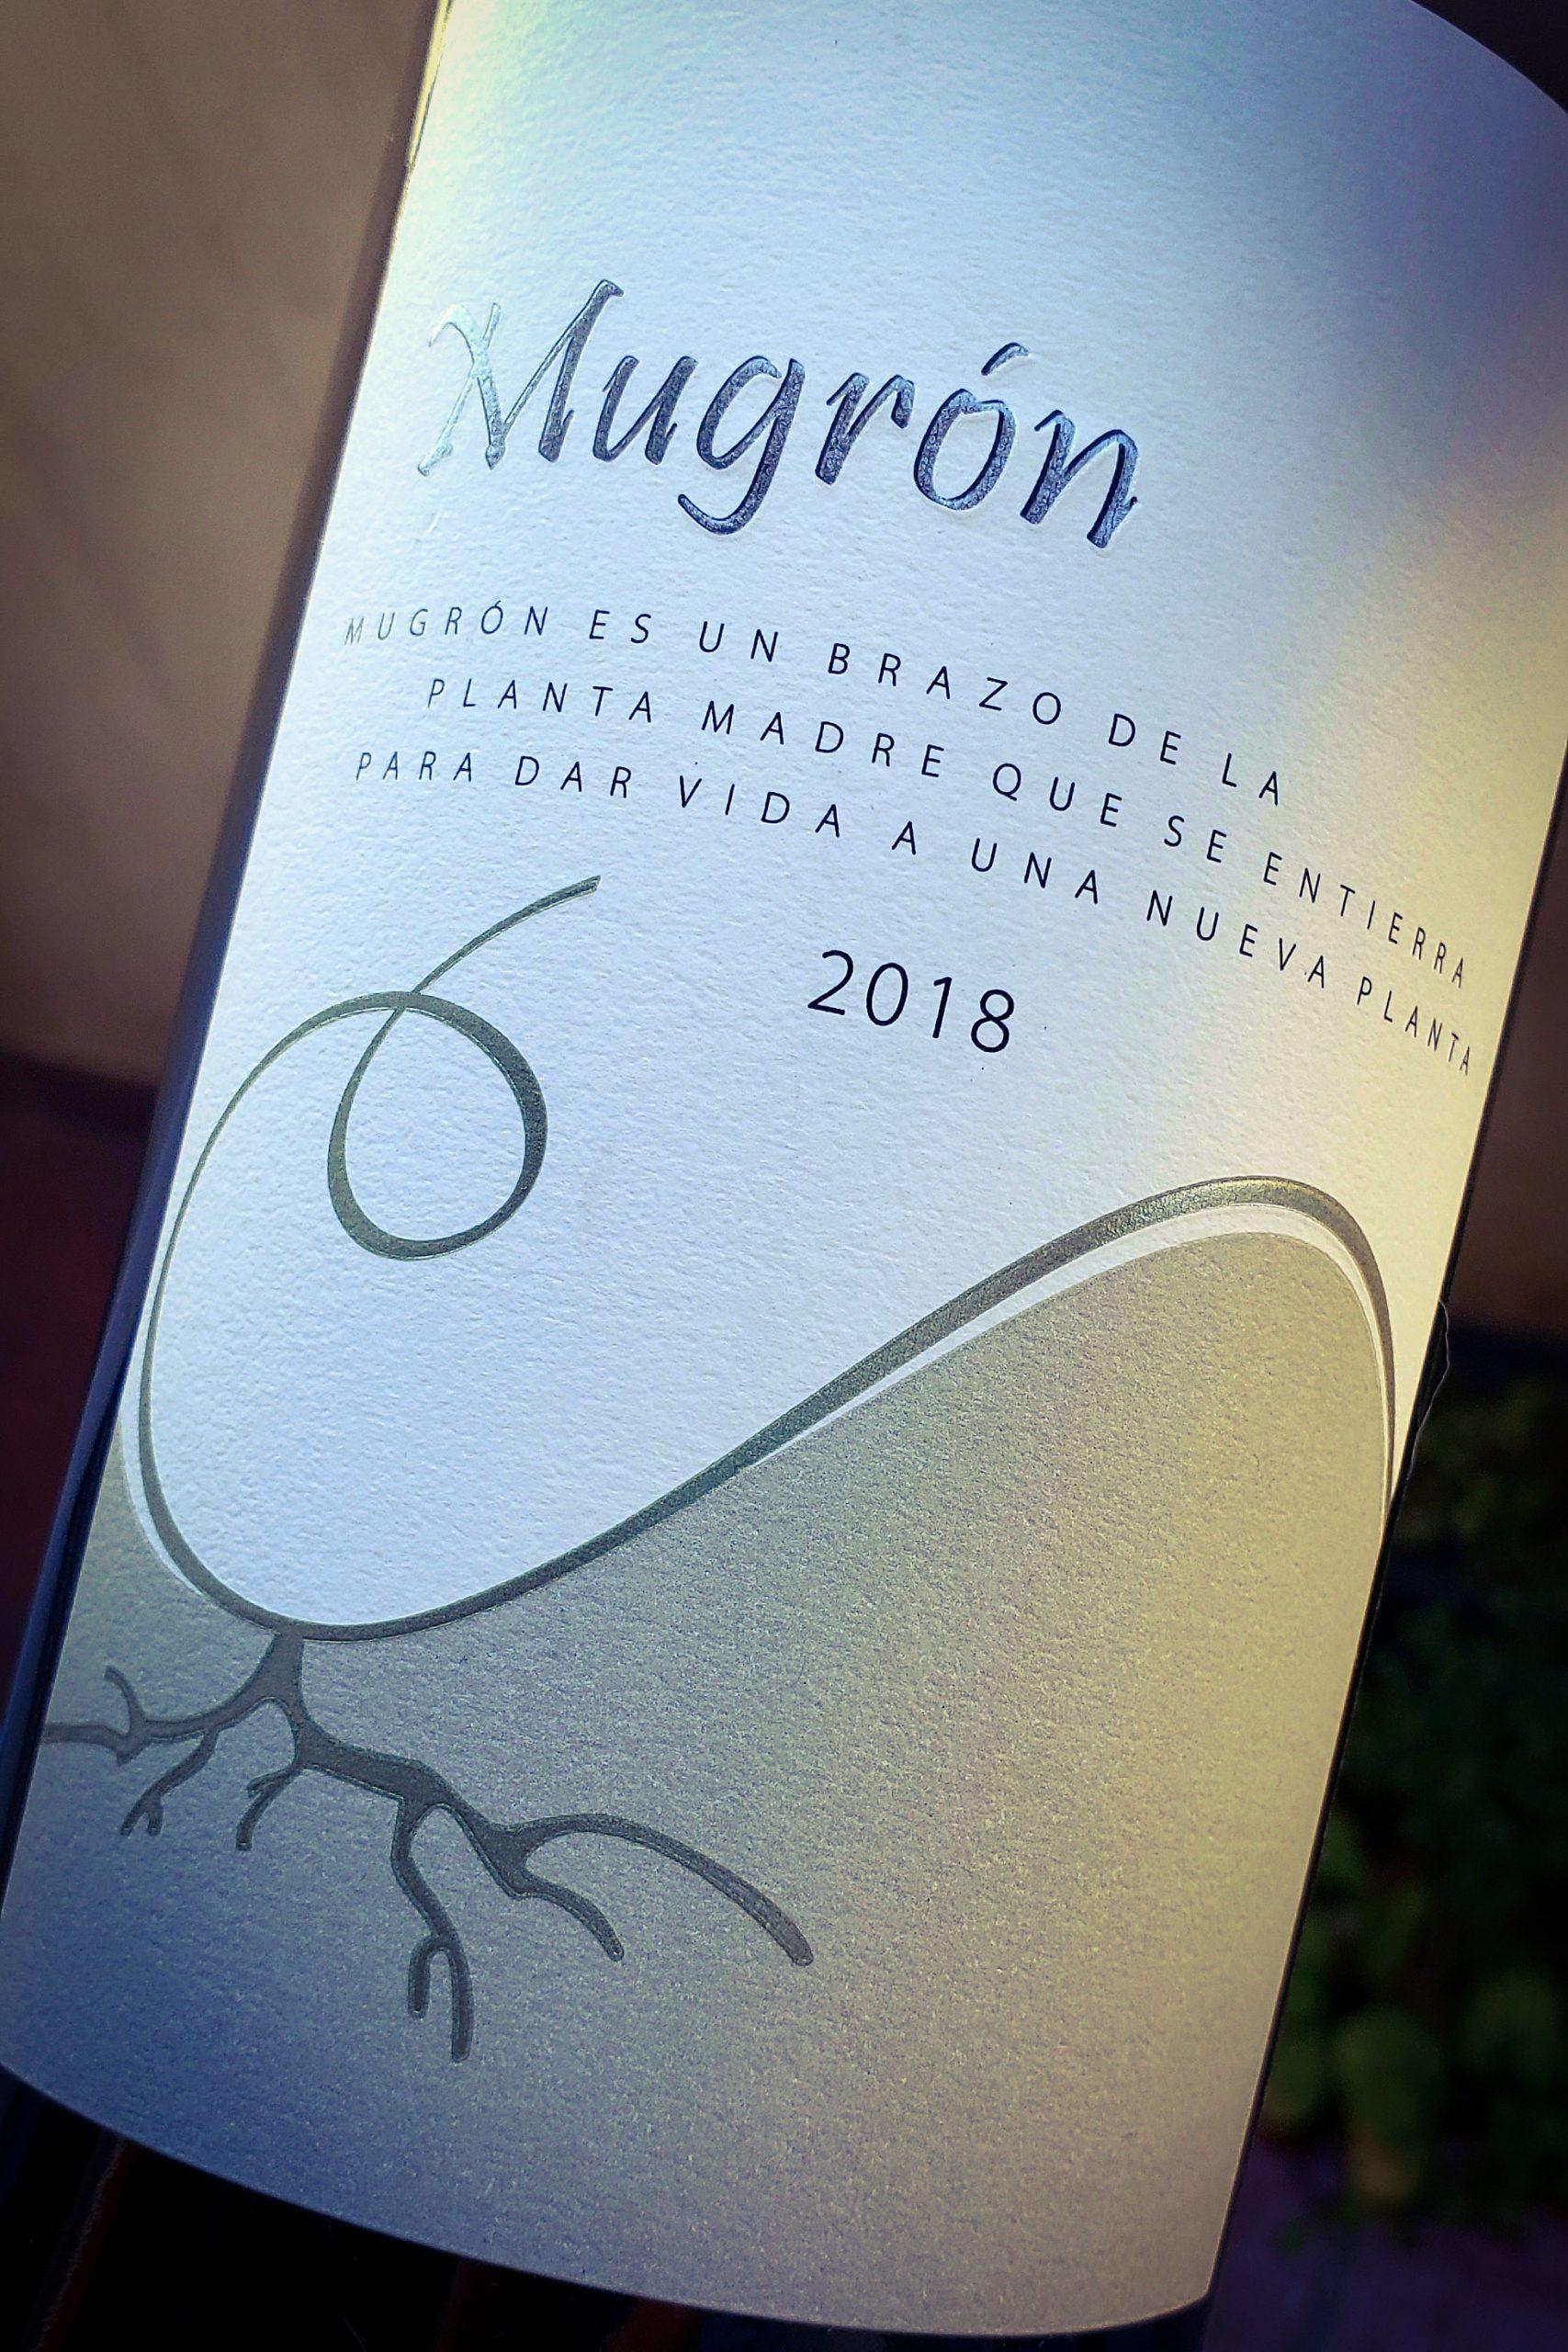 vinos de autor - mugron